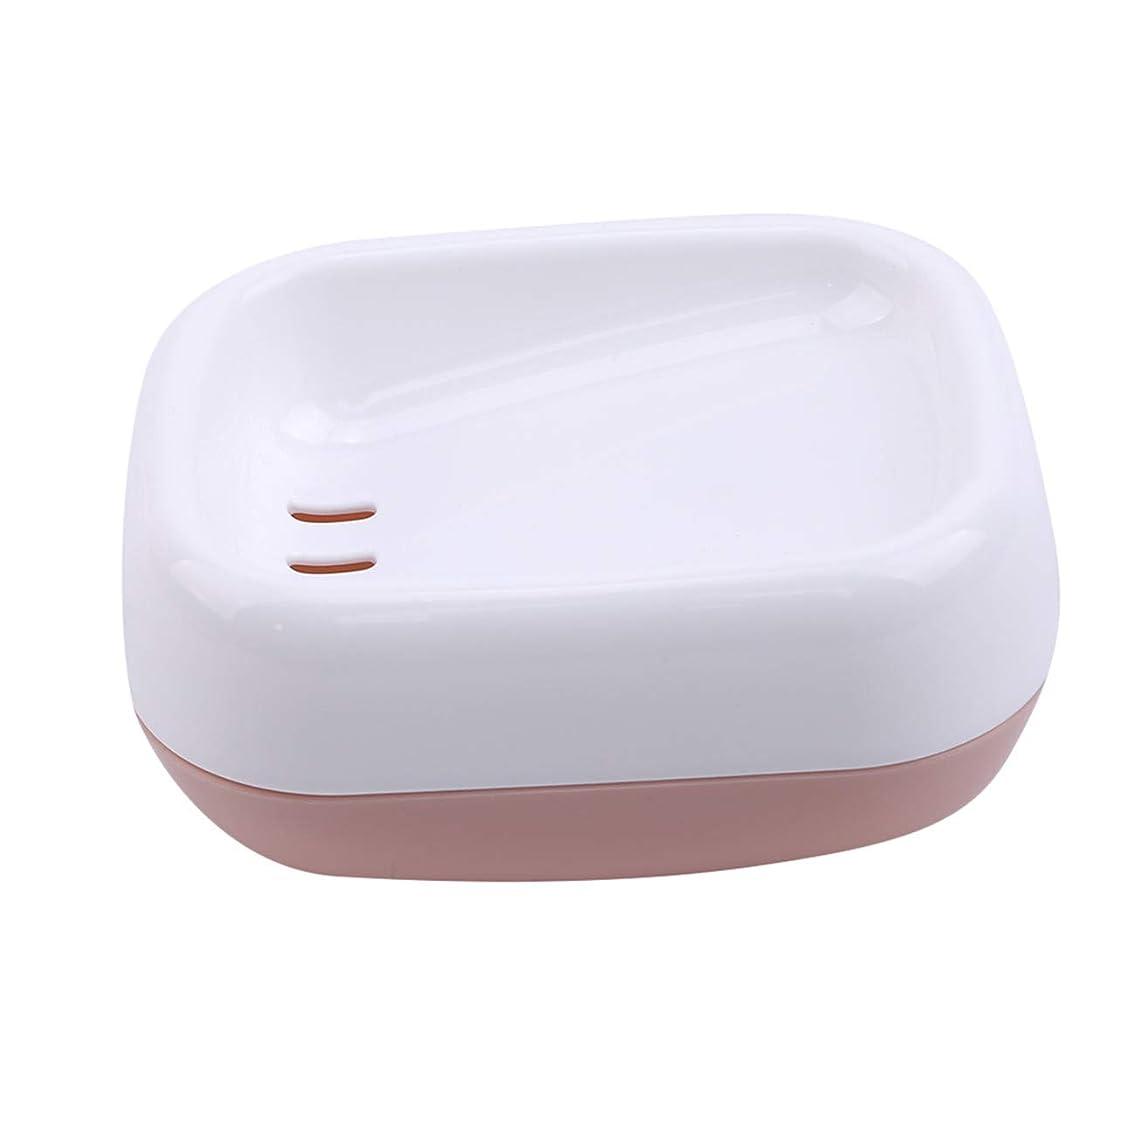 人道的タイトル規定ZALINGソープディッシュボックス浴室プラスチック二重層衛生的なシンプル排水コンテナソープディッシュピンク